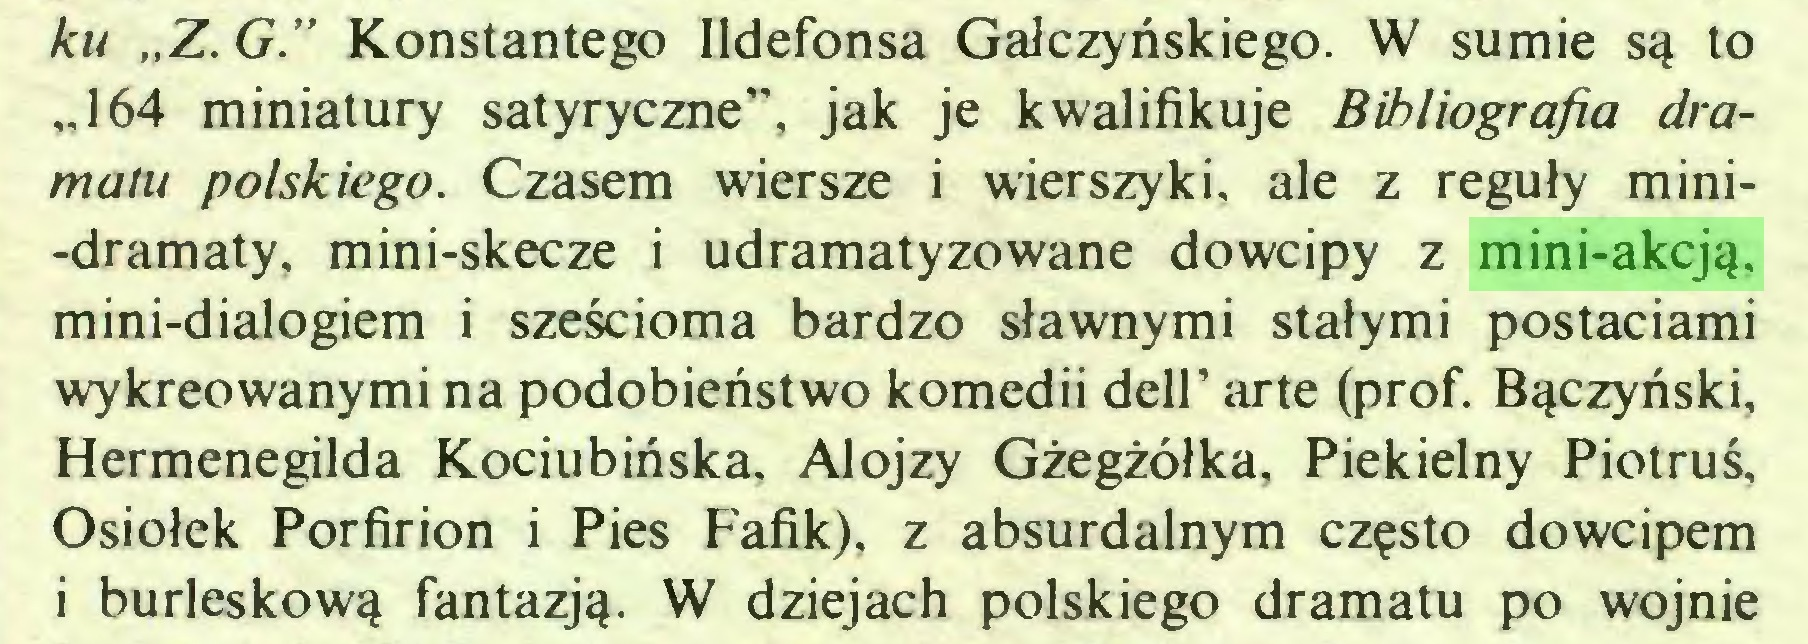 """(...) ku """"Z. G."""" Konstantego Ildefonsa Gałczyńskiego. W sumie są to """"164 miniatury satyryczne"""", jak je kwalifikuje Bibliografia dramatu polskiego. Czasem wiersze i wierszyki, ale z reguły mini-dramaty, mini-skecze i udramatyzowane dowcipy z mini-akcją, mini-dialogiem i sześcioma bardzo sławnymi stałymi postaciami wykreowanymi na podobieństwo komedii dell' arte (prof. Bączyński, Hermenegilda Kociubińska, Alojzy Gżegżółka, Piekielny Piotruś, Osiołek Porfirion i Pies Fafik), z absurdalnym często dowcipem i burleskową fantazją. W dziejach polskiego dramatu po wojnie..."""